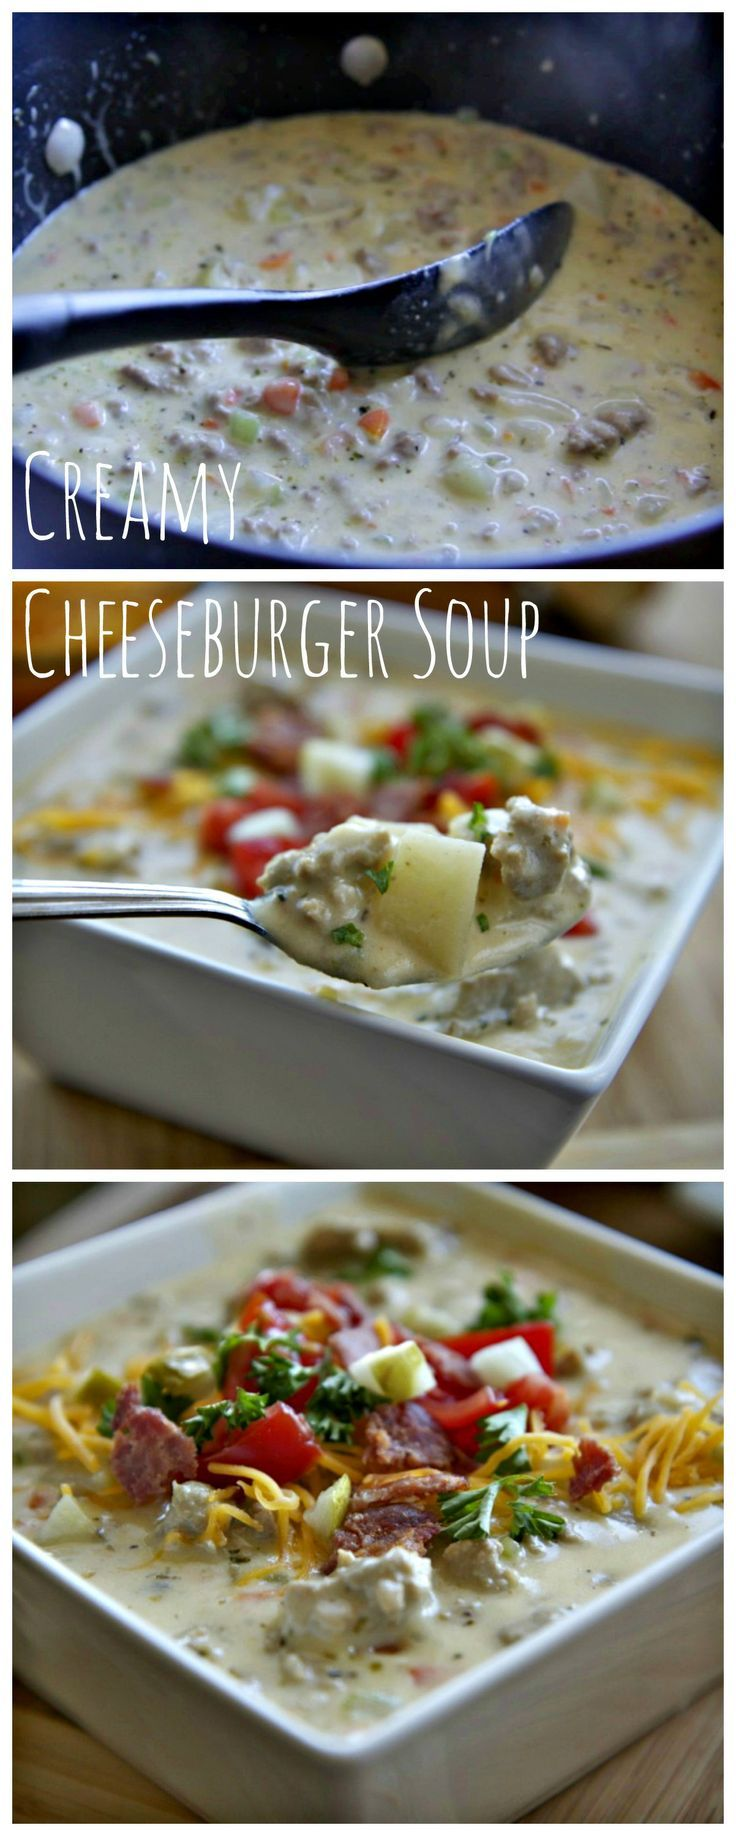 Creamy Cheeseburger Soup.